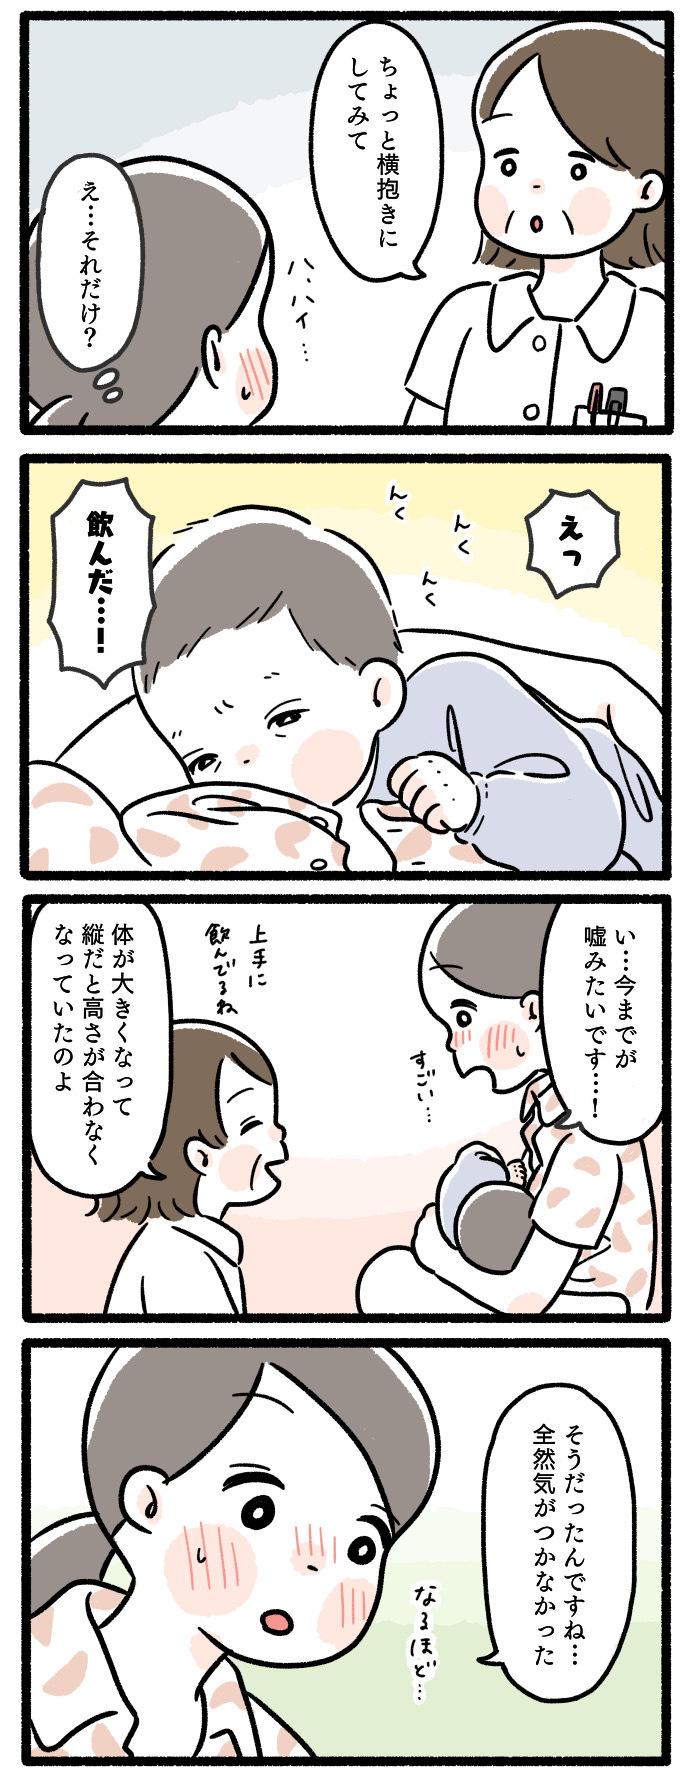 赤ちゃんってすごい…!急におっぱいを嫌がるようになった理由って?の画像3